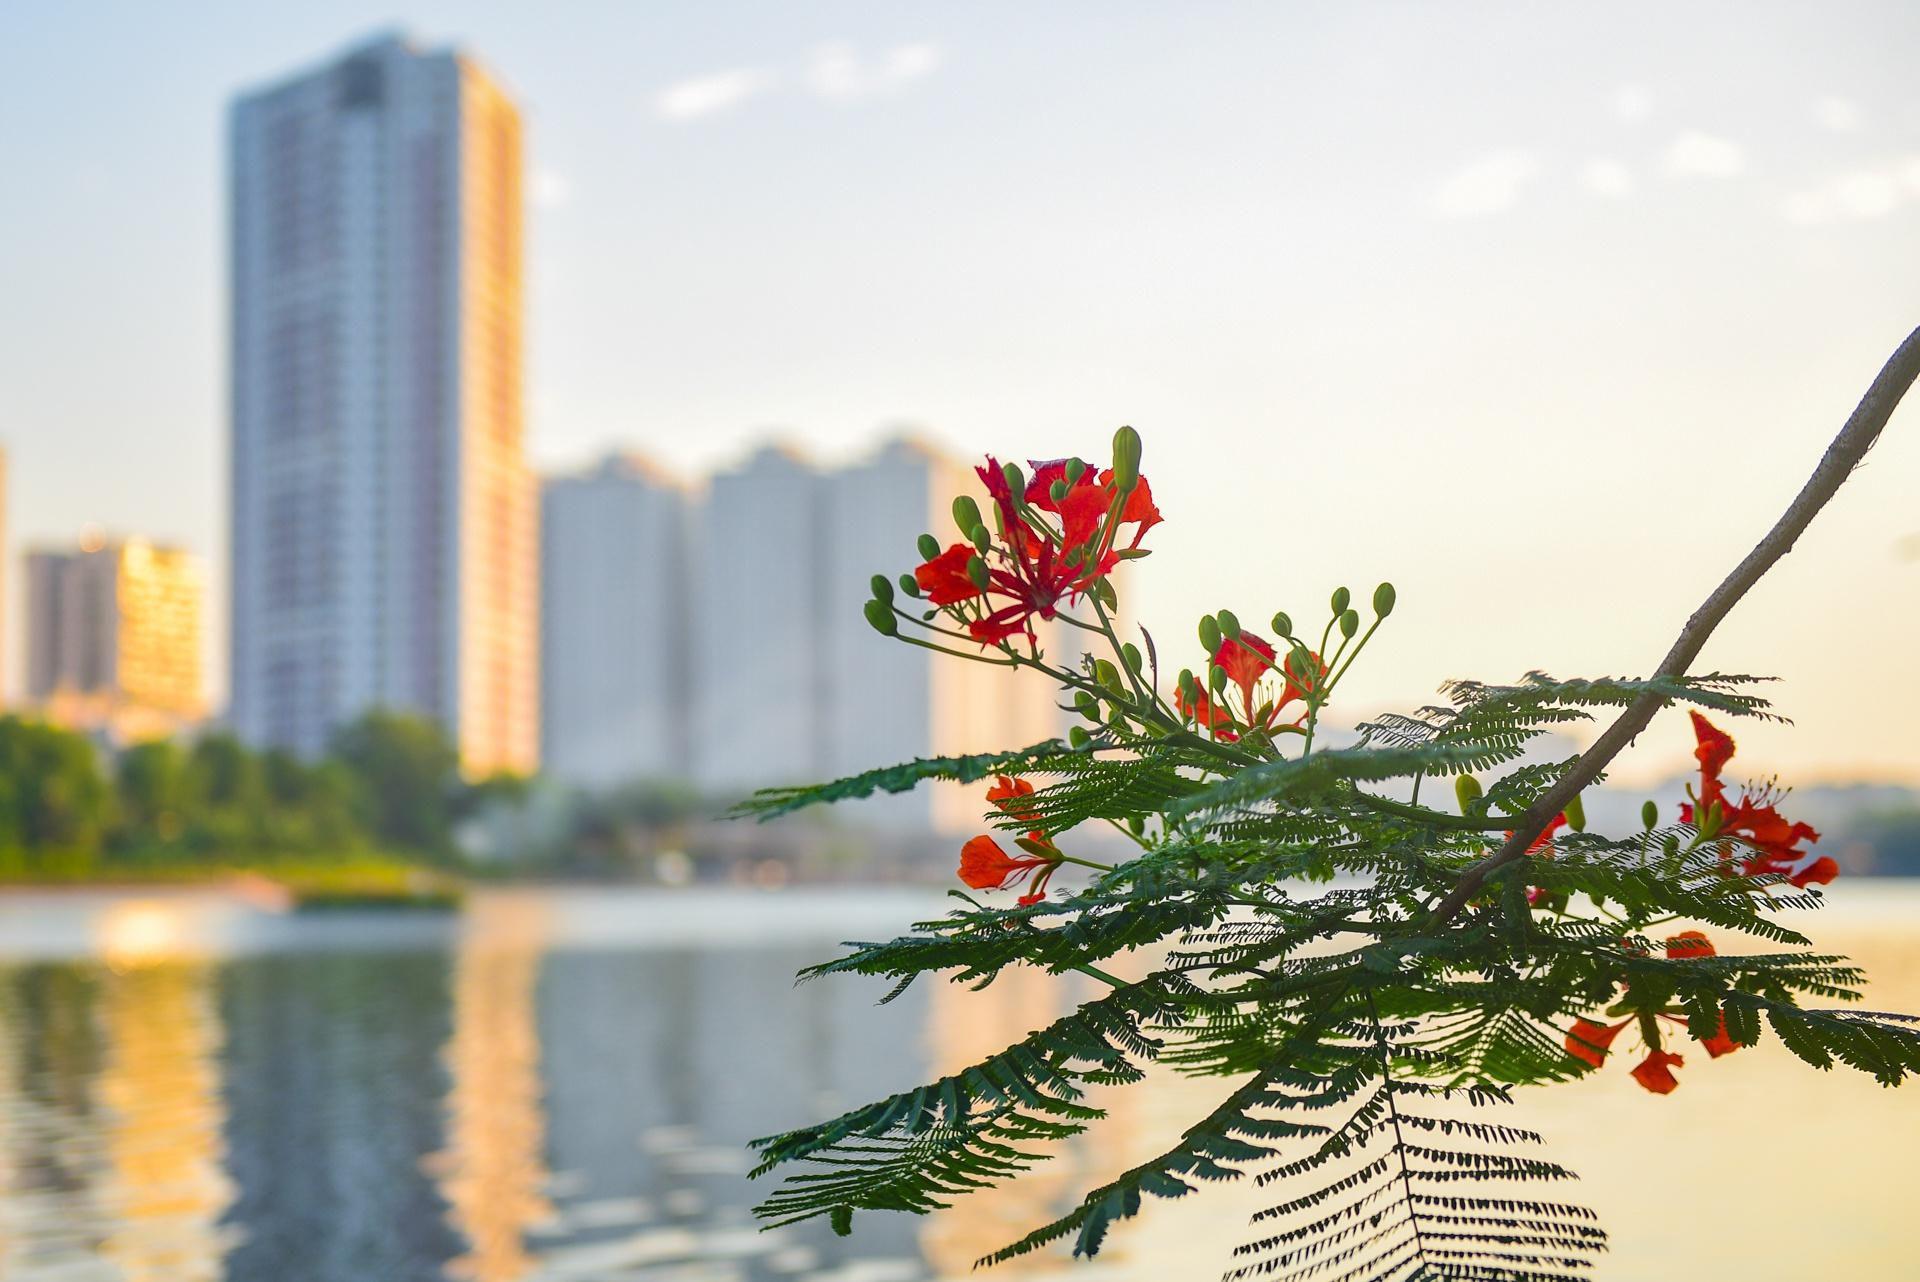 Hà Nội nơi đỏ rực rỡ nhờ hoa phượng, chỗ dát vàng bởi muồng hoàng yến Ảnh 9